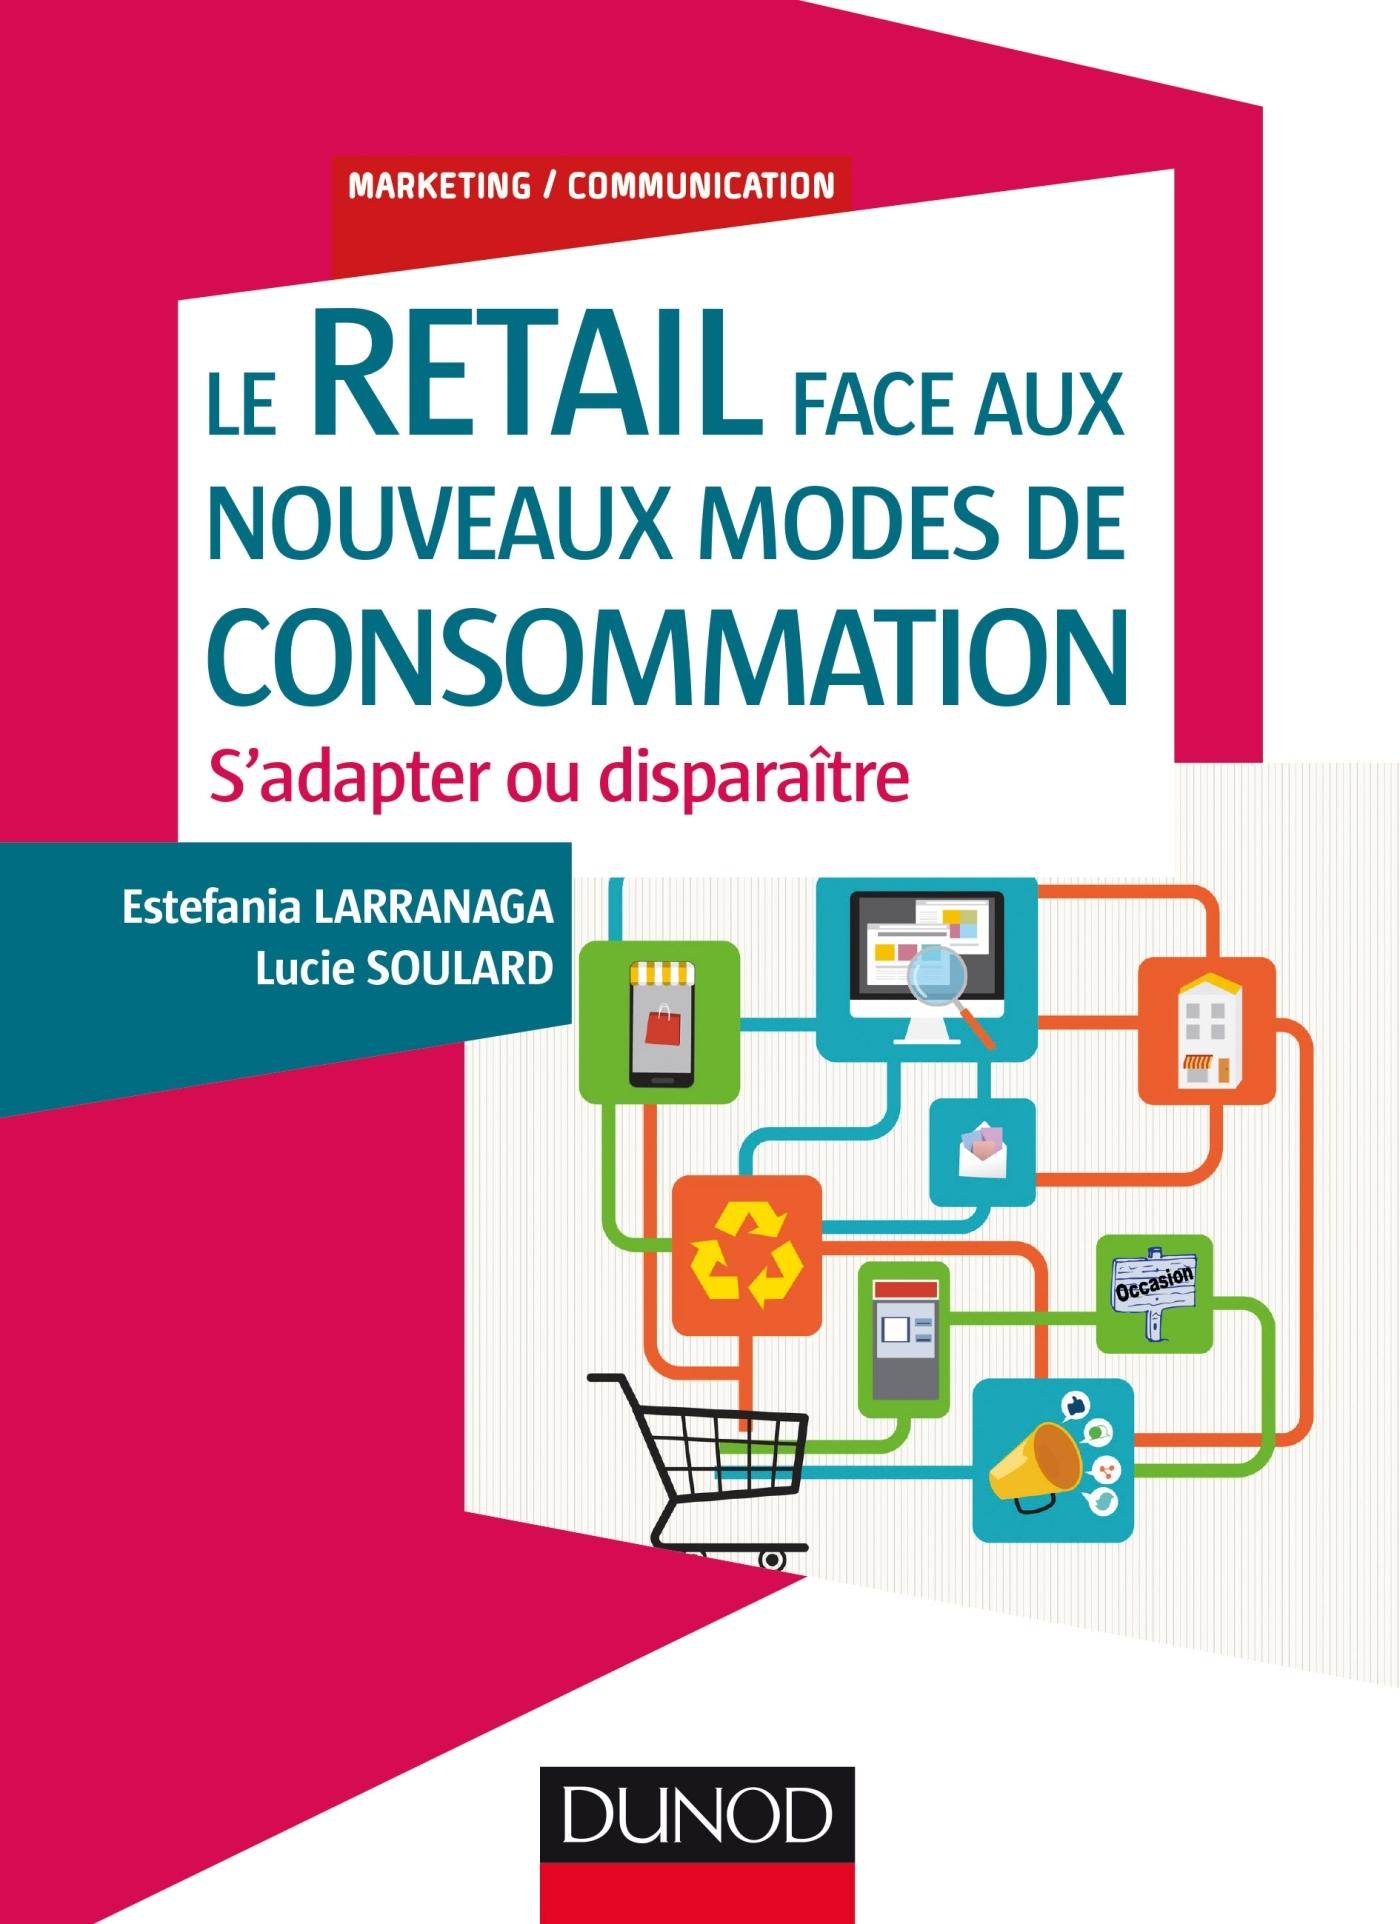 LE RETAIL FACE AUX NOUVEAUX MODES DE CONSOMMATION - S'ADAPTER OU DISPARAITRE